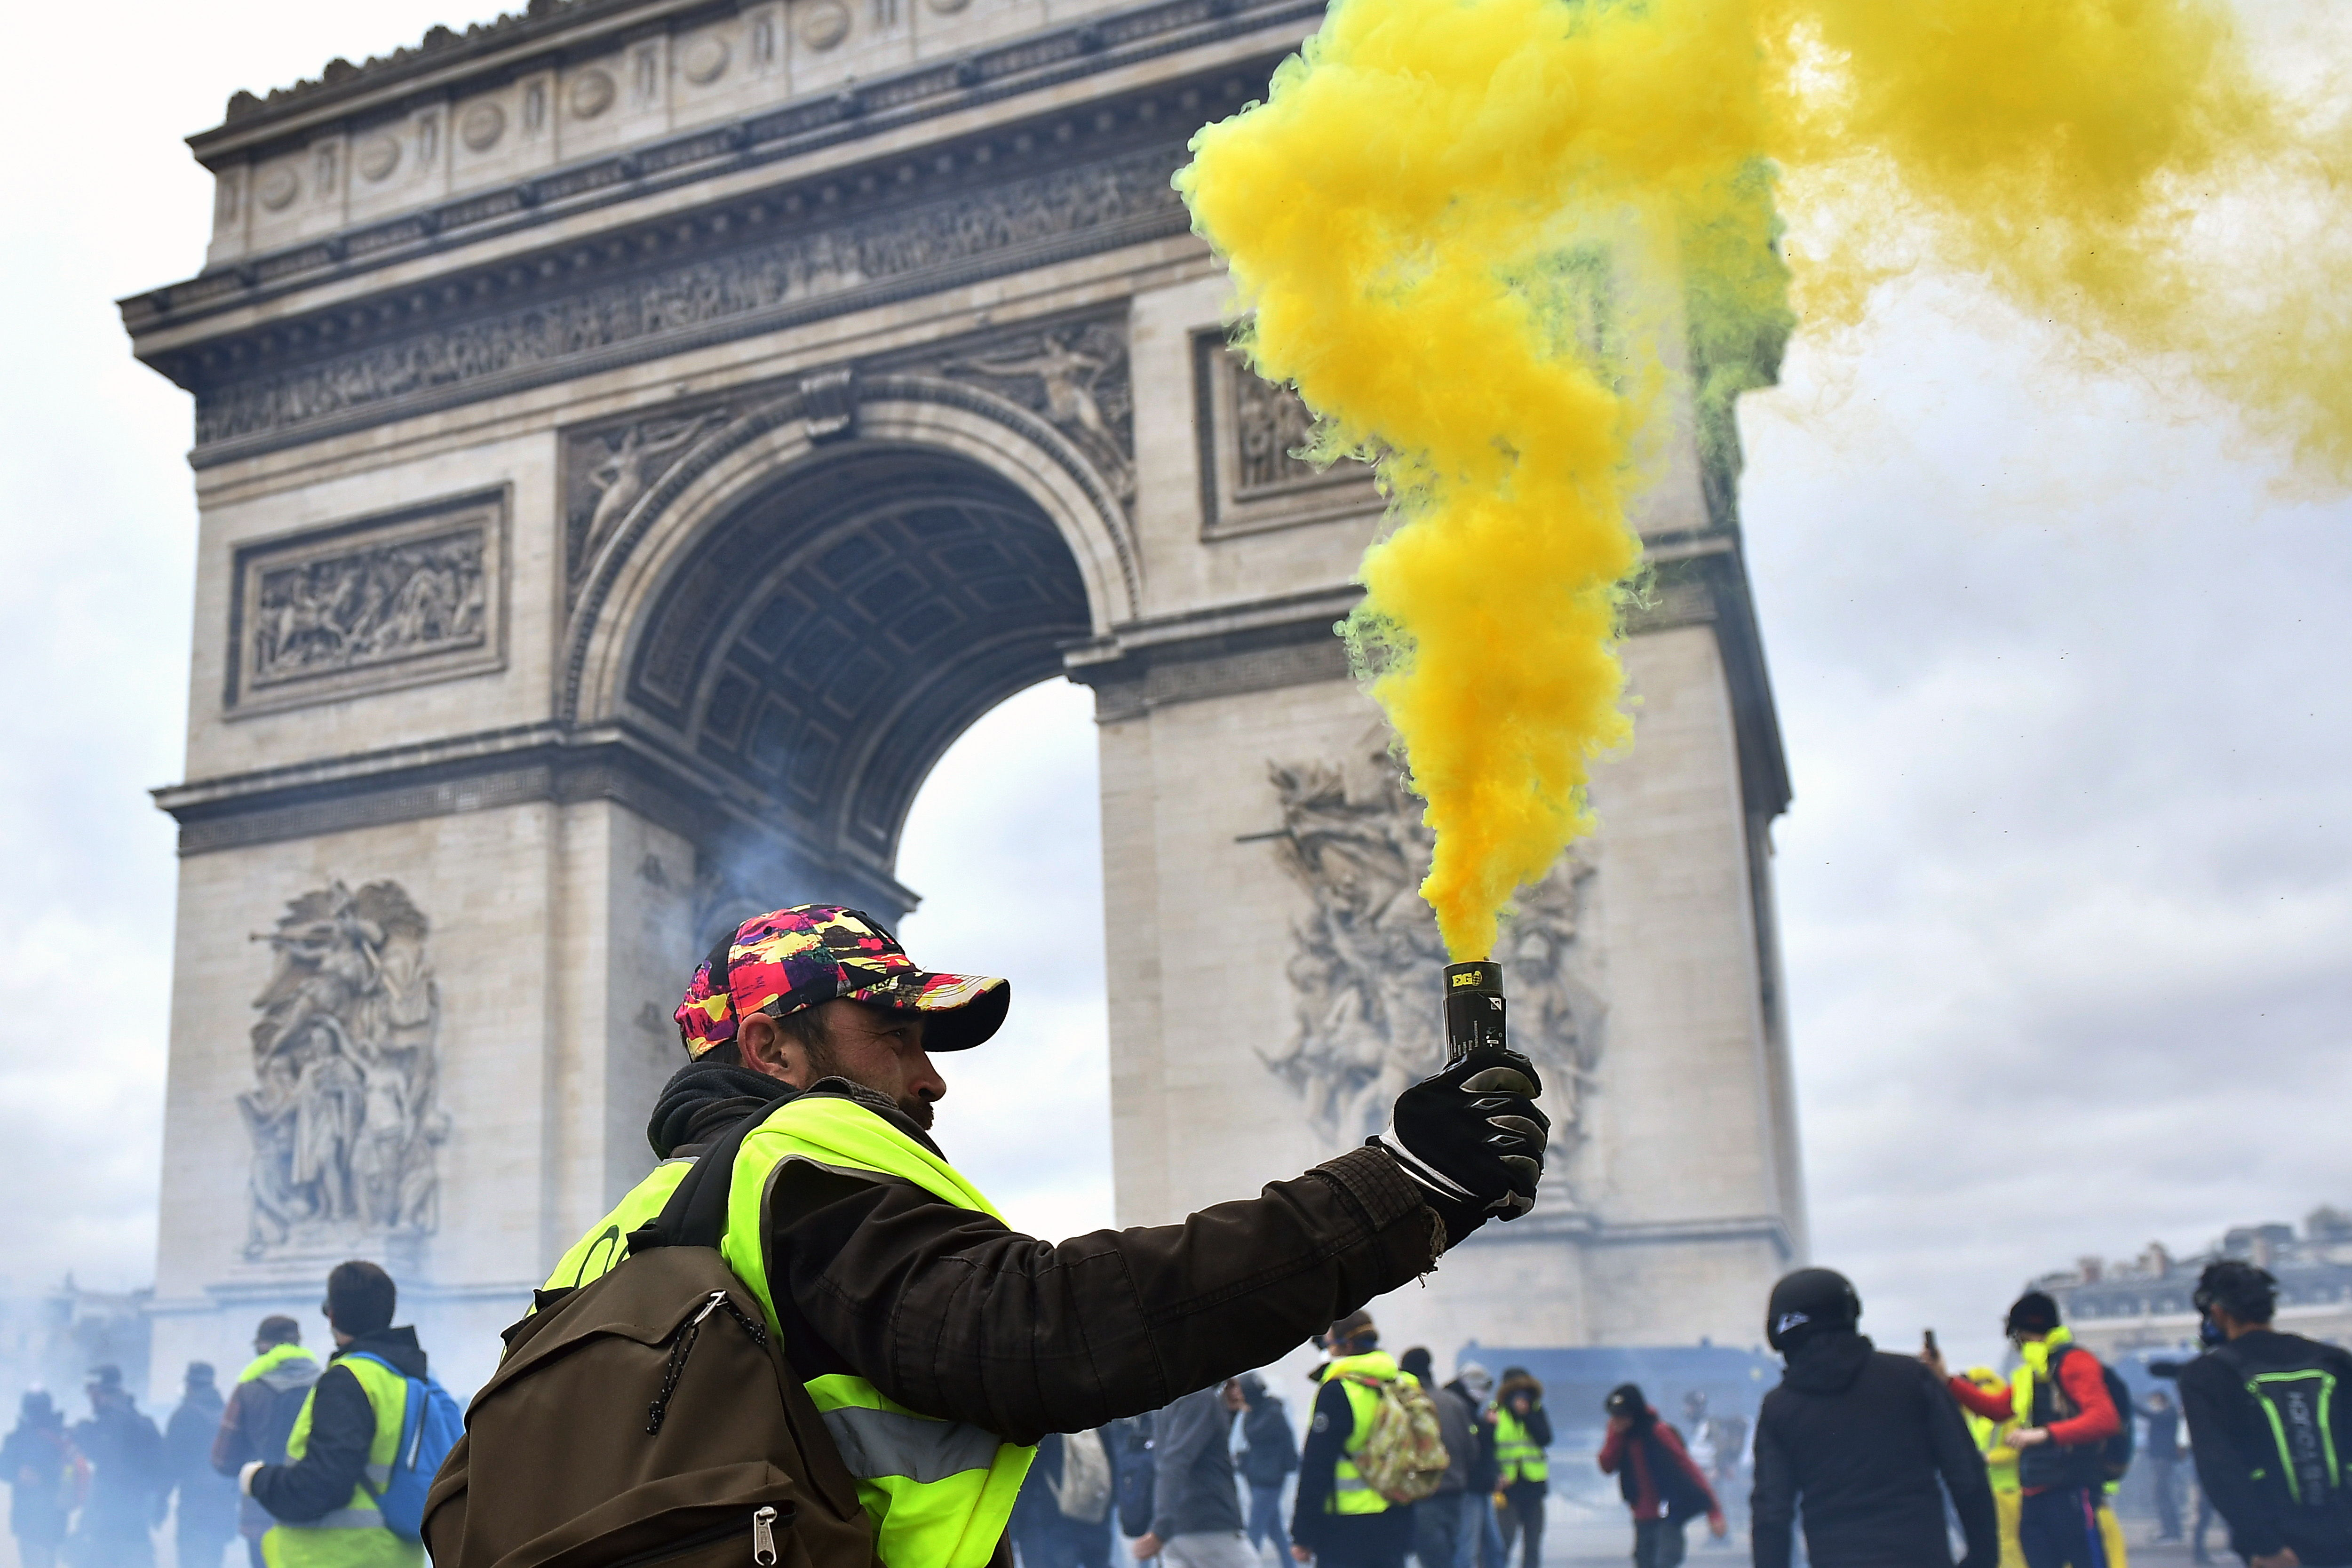 Varias personas encendieron bengalas durante la protesta. Foto Prensa Libre: EFE